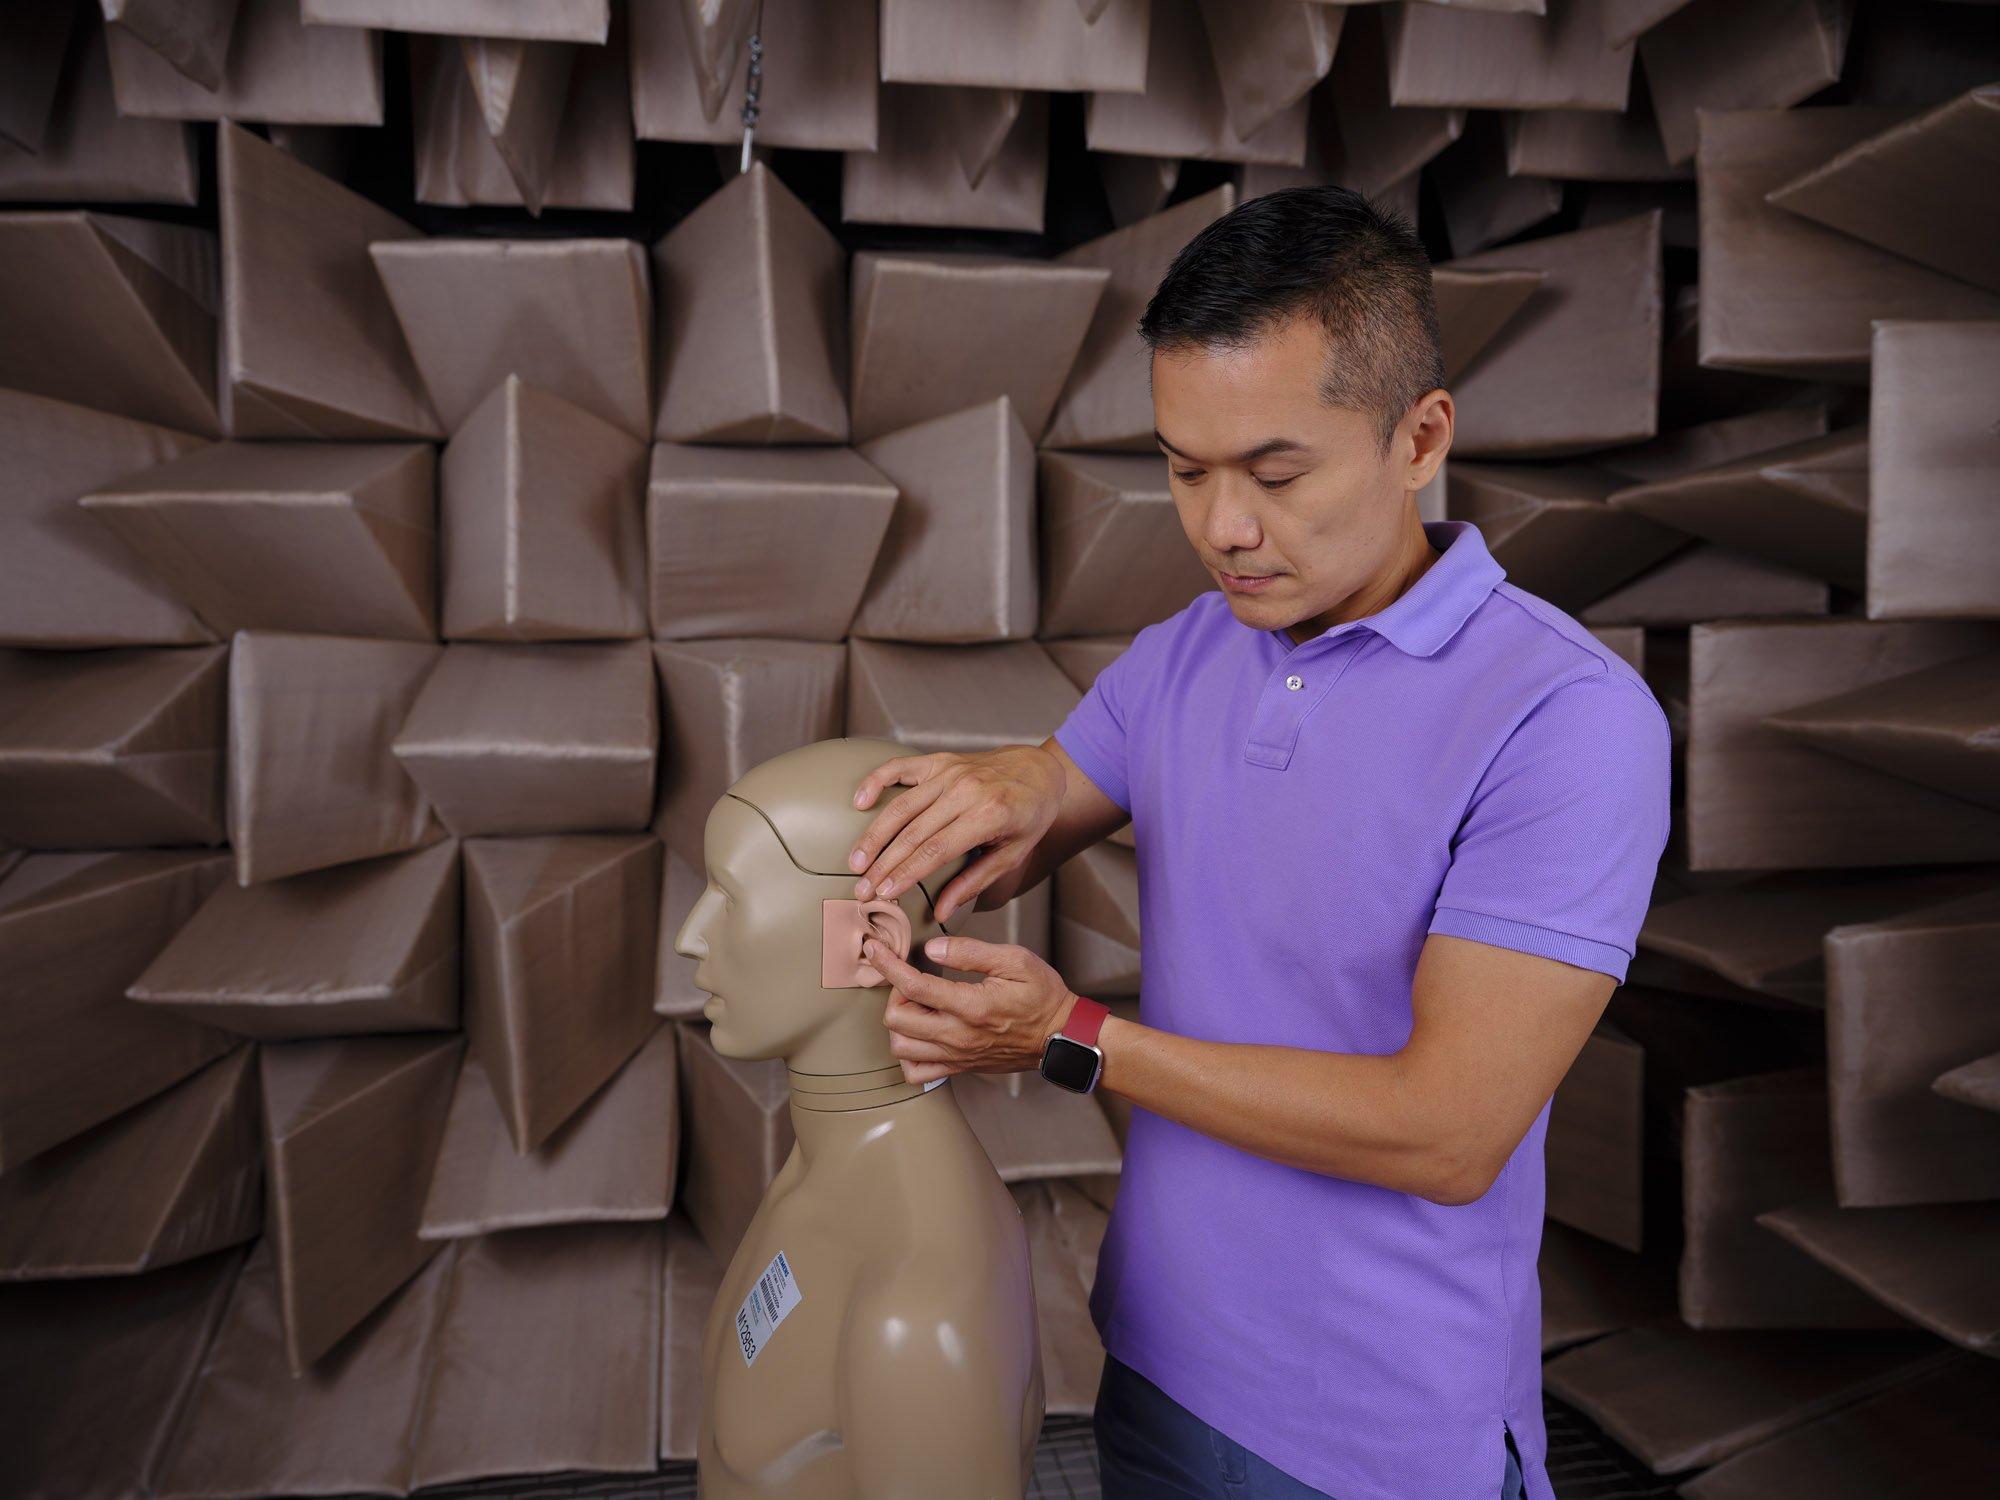 Commercial Photographer Singapore Corporate Headshot Photography Jose Jeuland 20